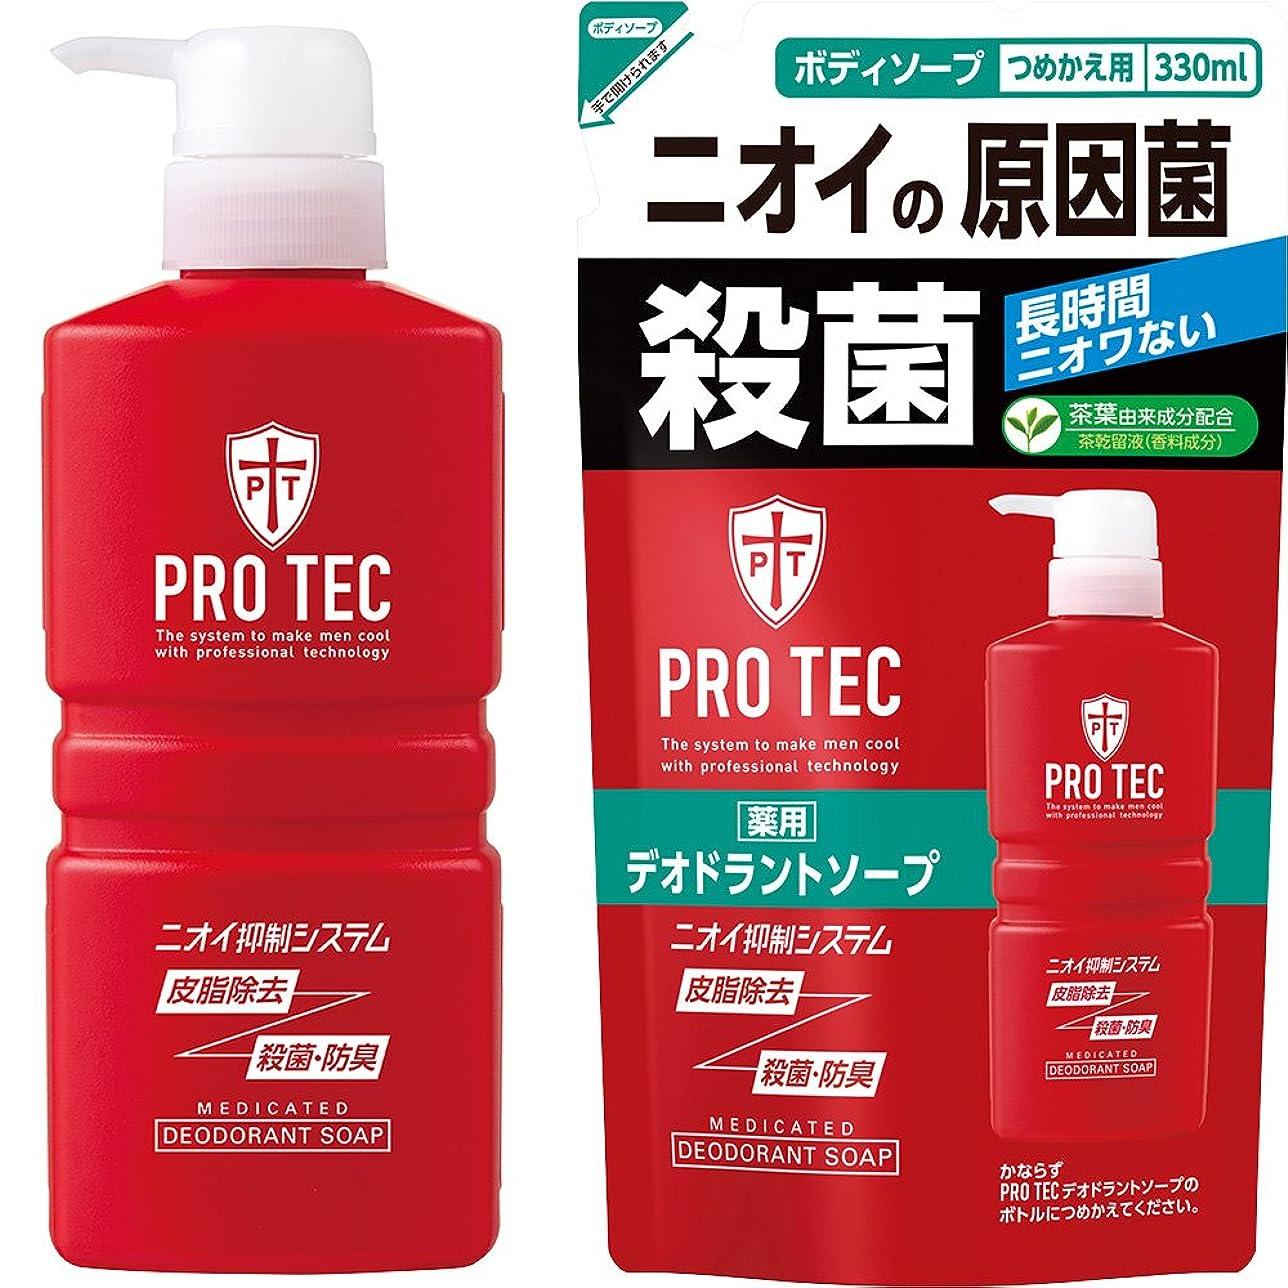 綺麗なお祝い産地PRO TEC(プロテク) デオドラントソープ ポンプ420ml+詰め替え330ml セット(医薬部外品)